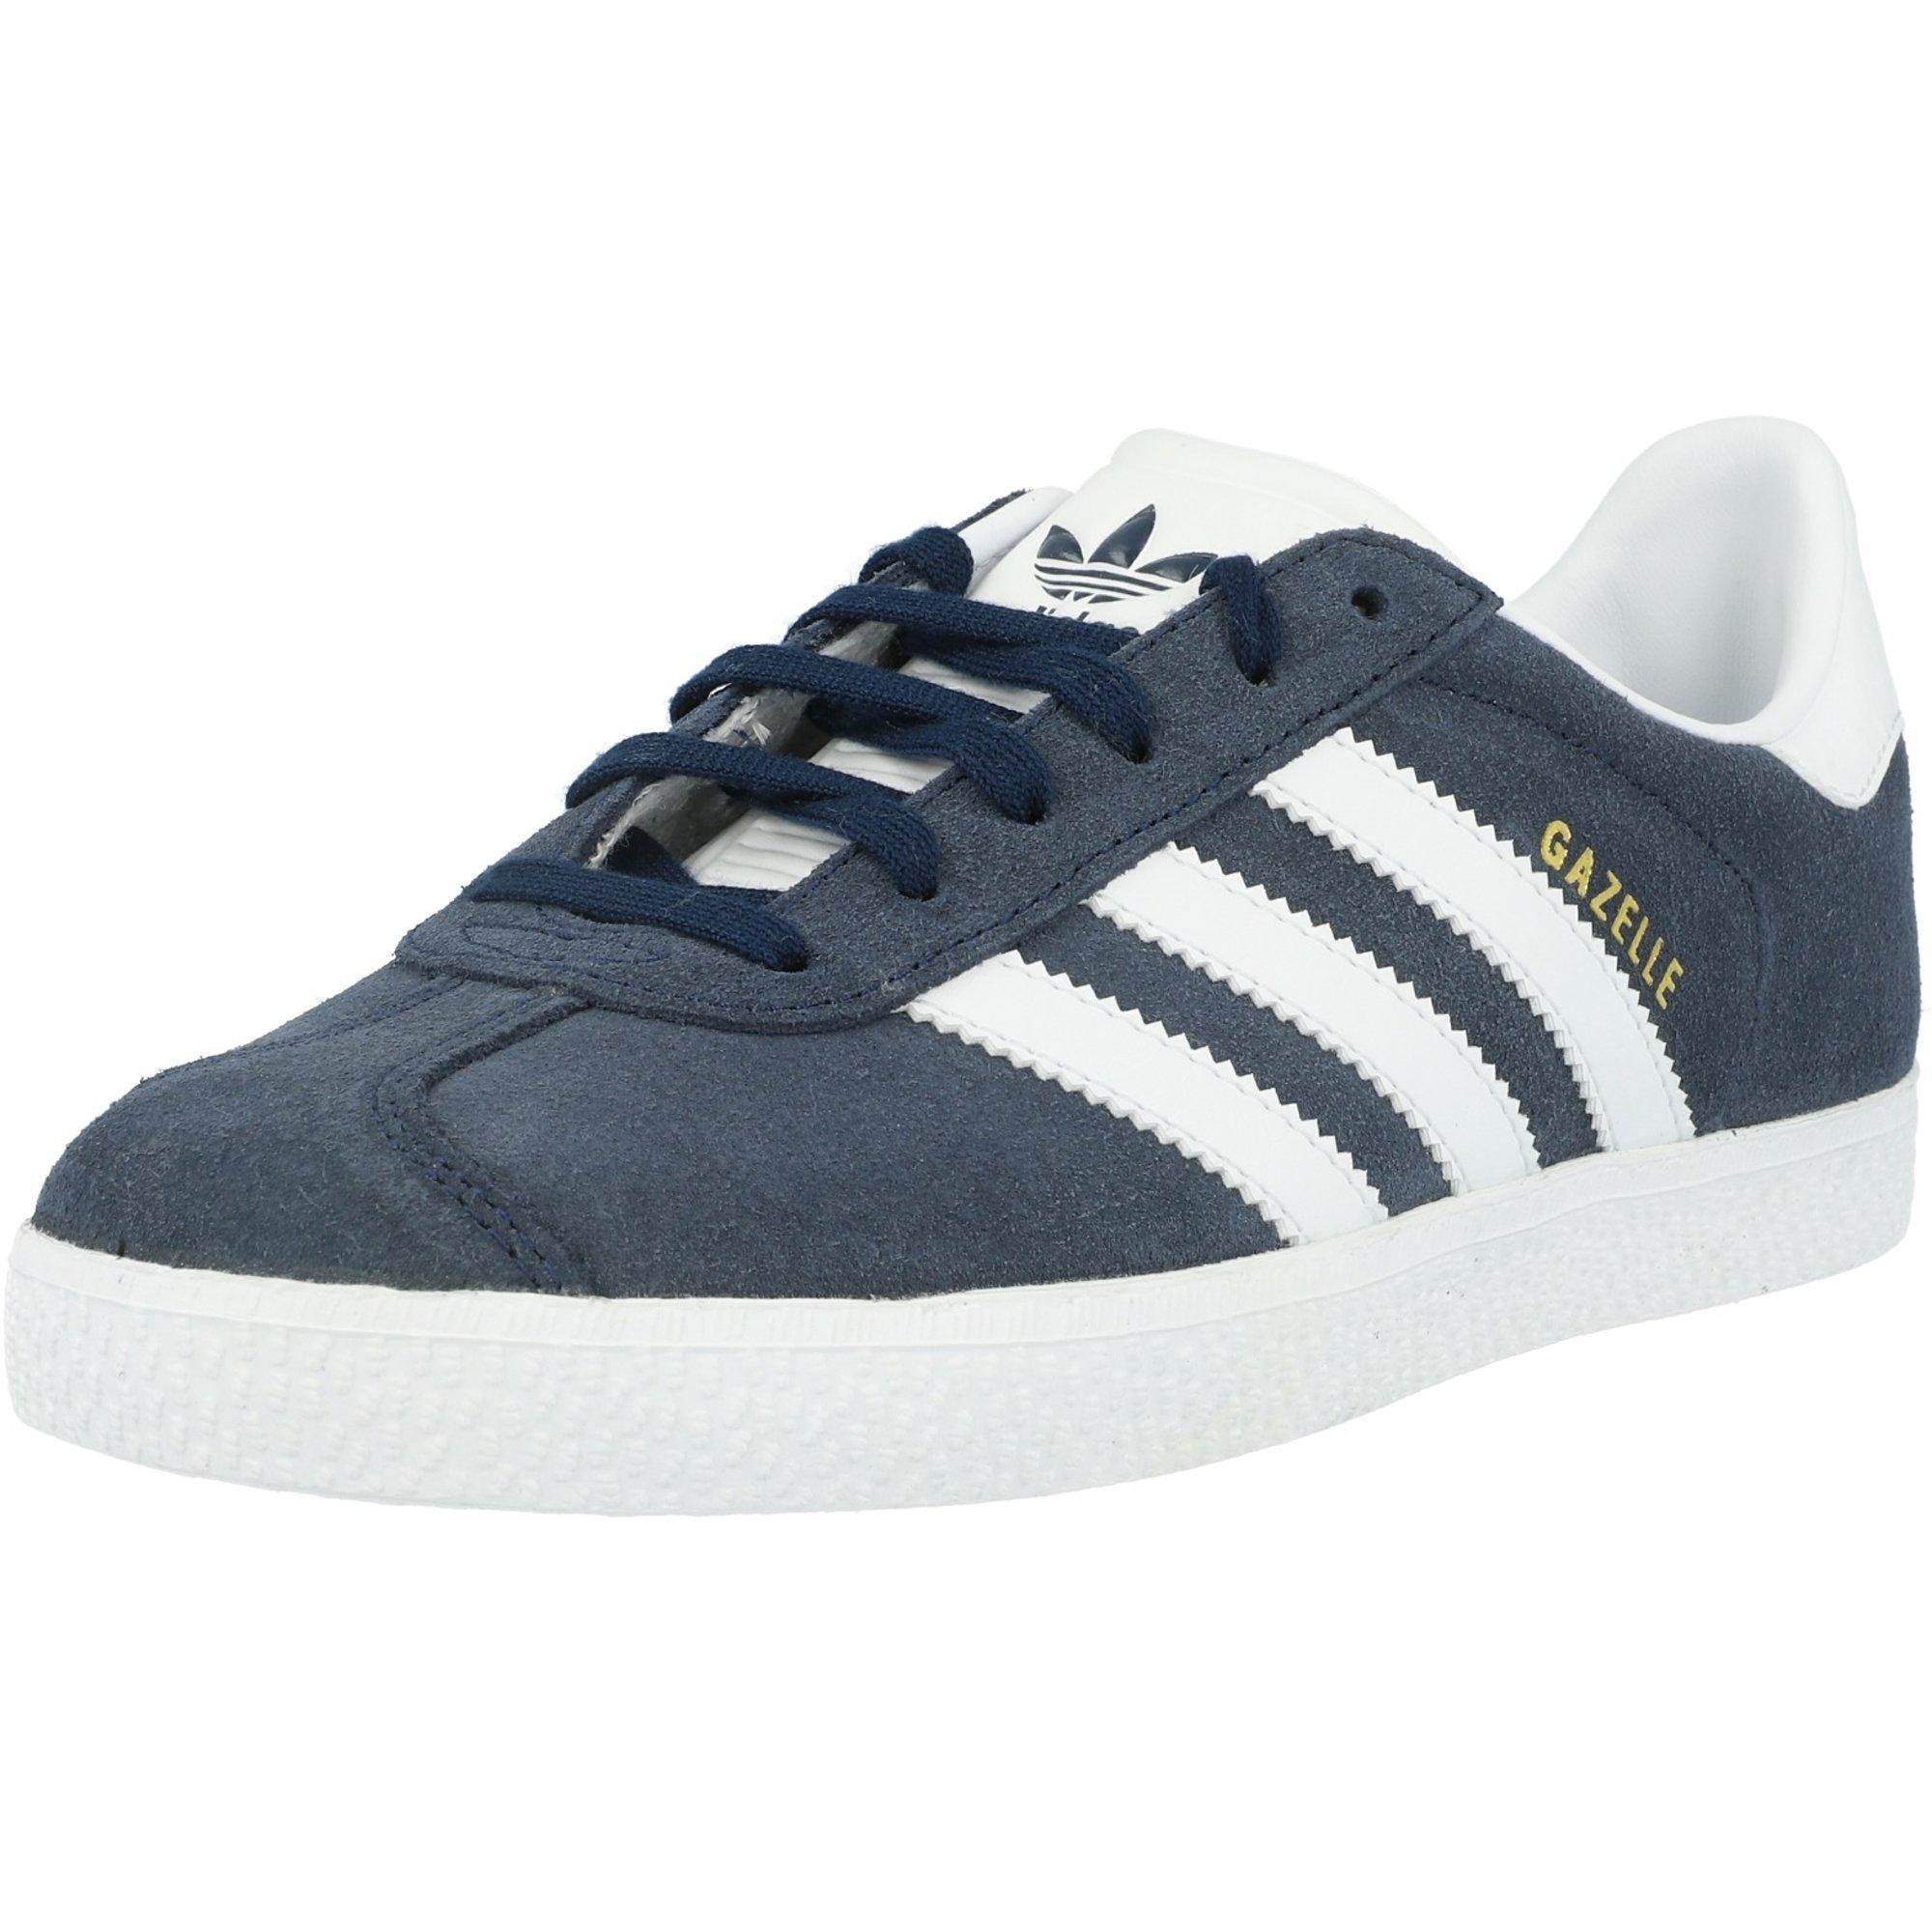 adidas Originals Gazelle J Collegiate Navy/White Suede